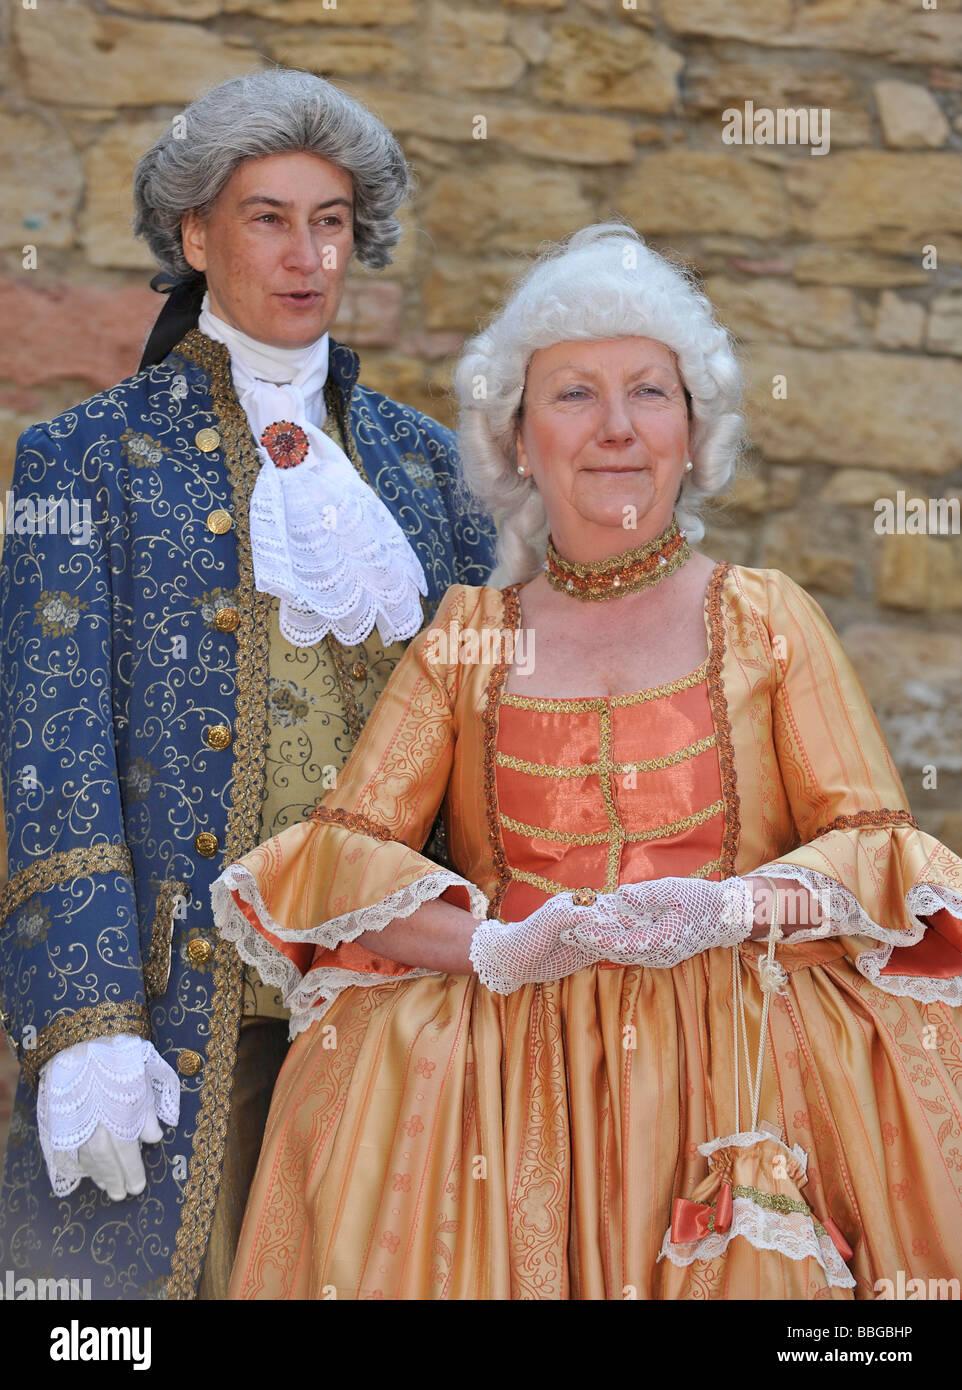 La vita nel periodo barocco del XVIII secolo e in un paio di vestiti veneziano, Schiller Jahrhundertfest secolo Immagini Stock